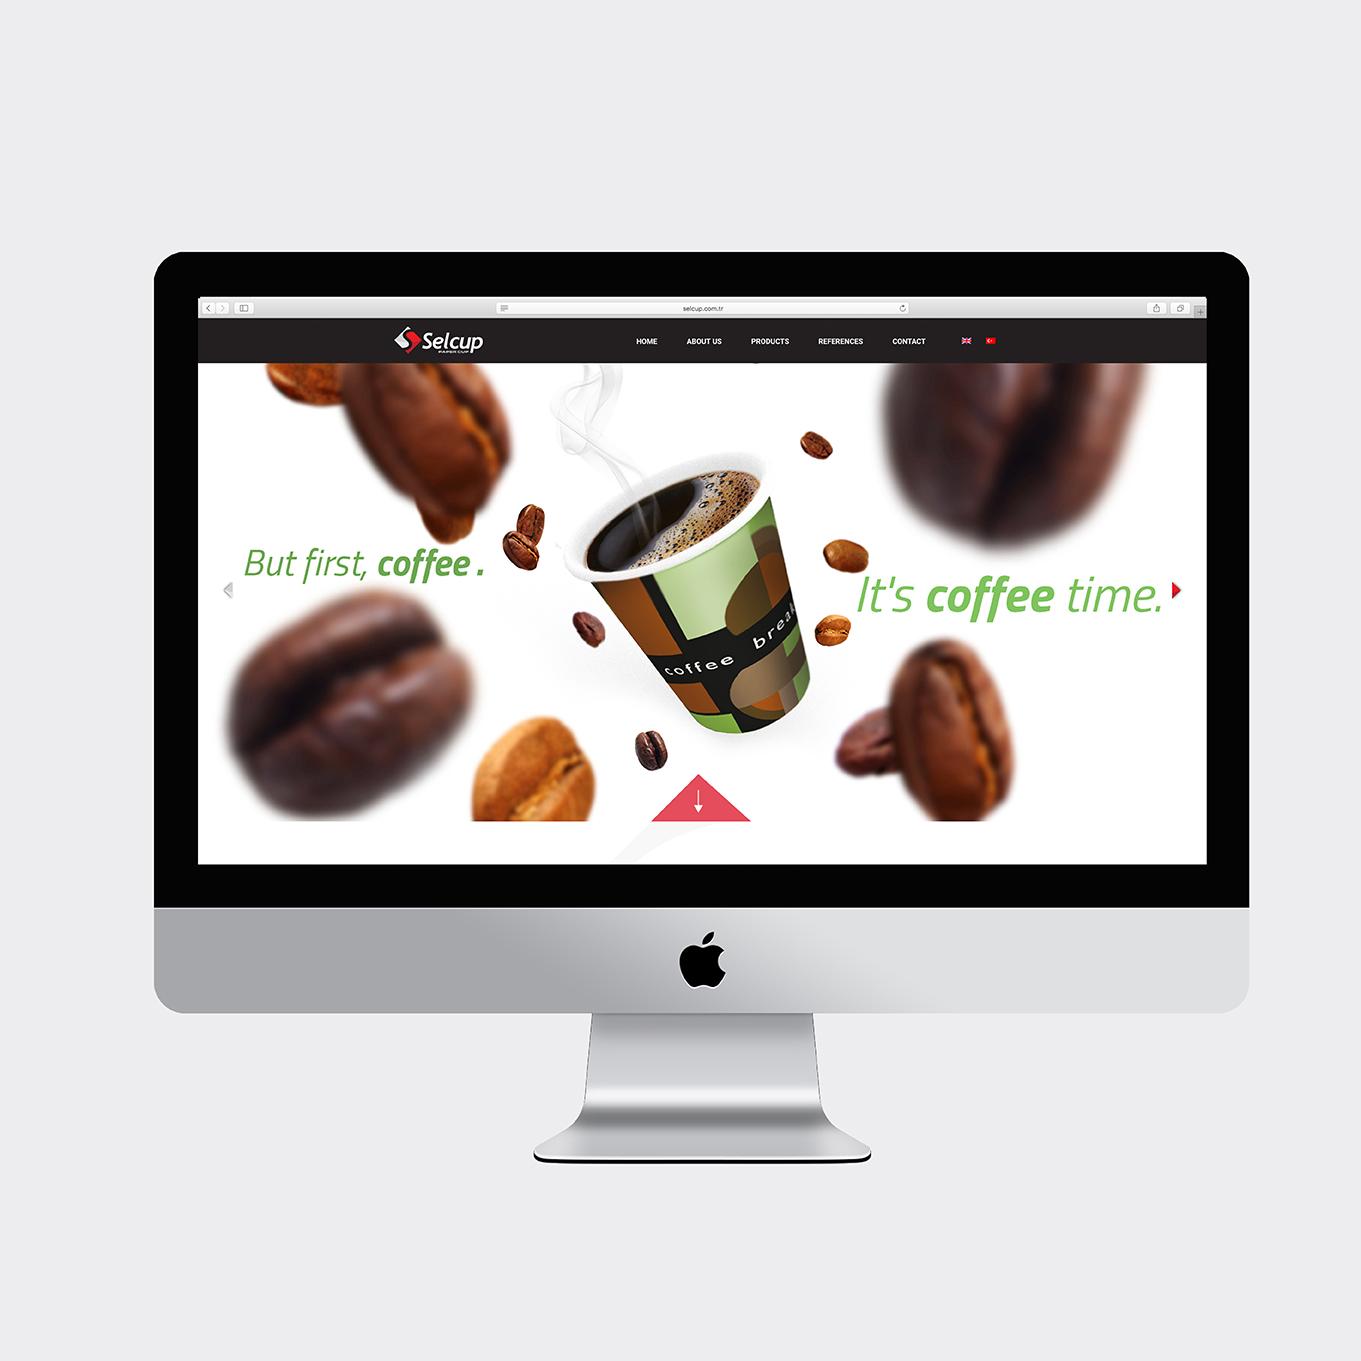 selcup-web-sitesi